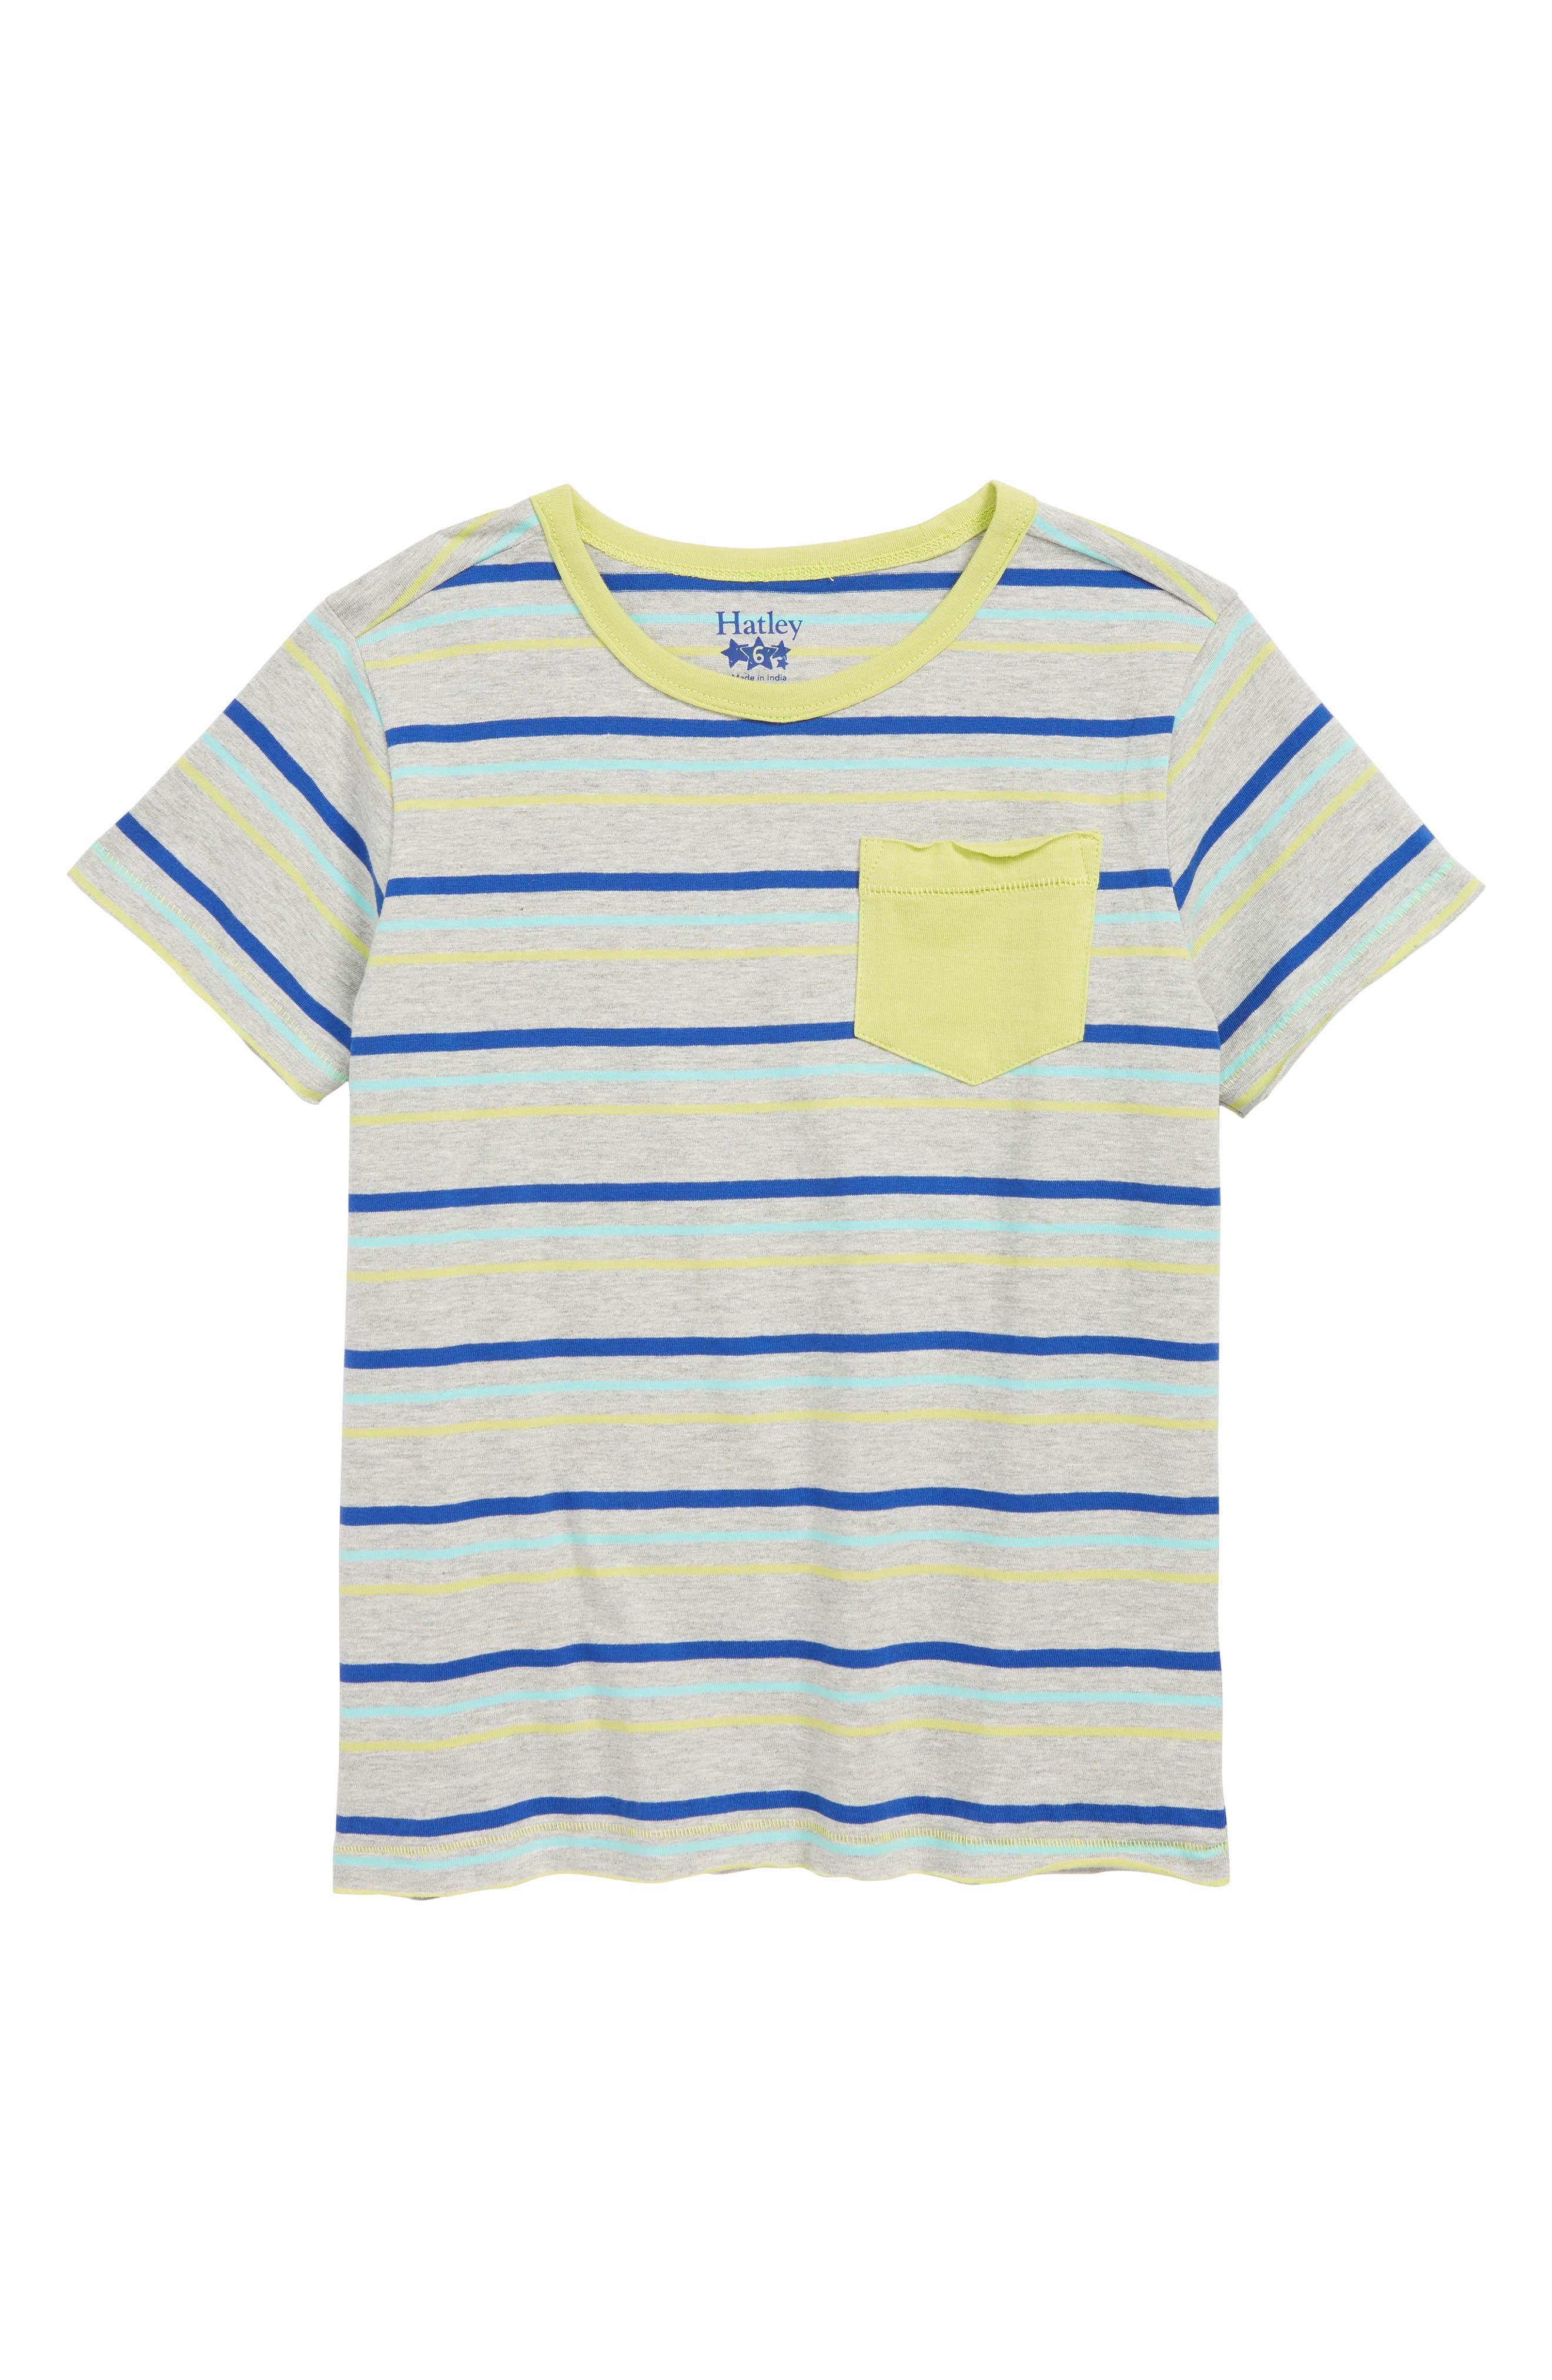 HATLEY, Stripes T-Shirt, Main thumbnail 1, color, GREY